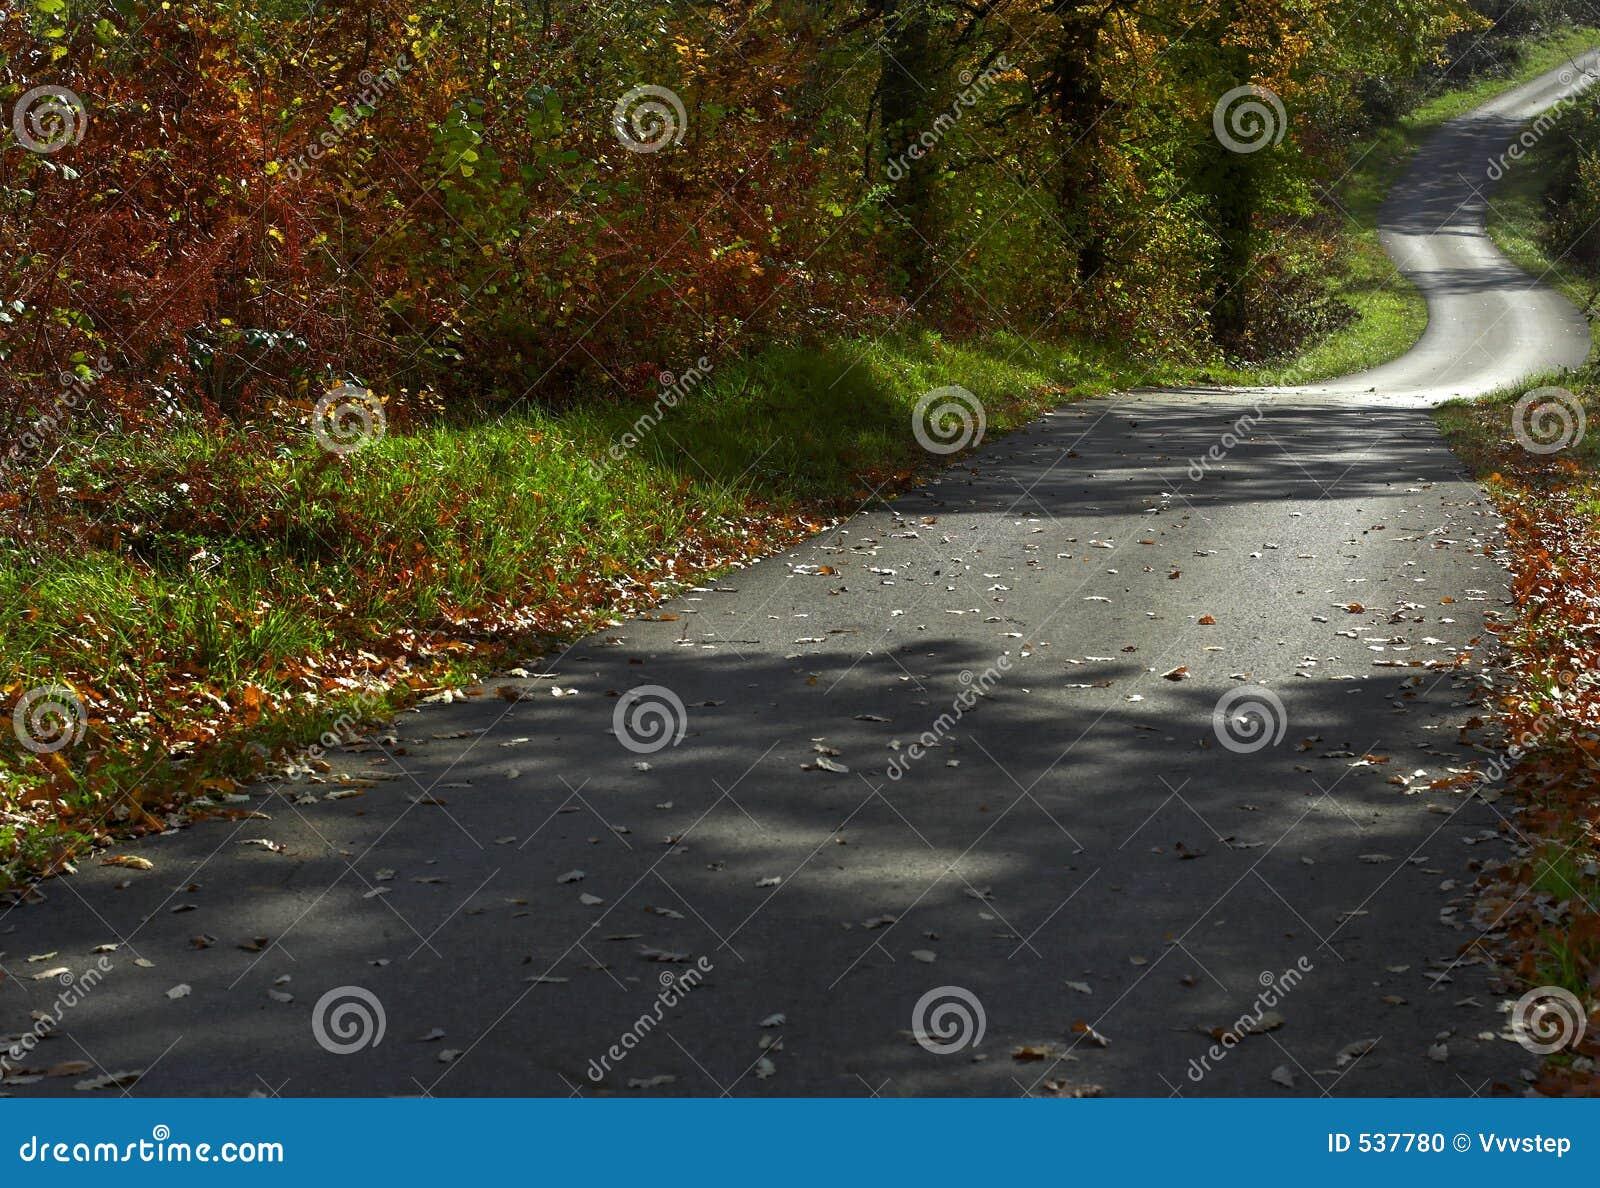 Estrada a cair 2